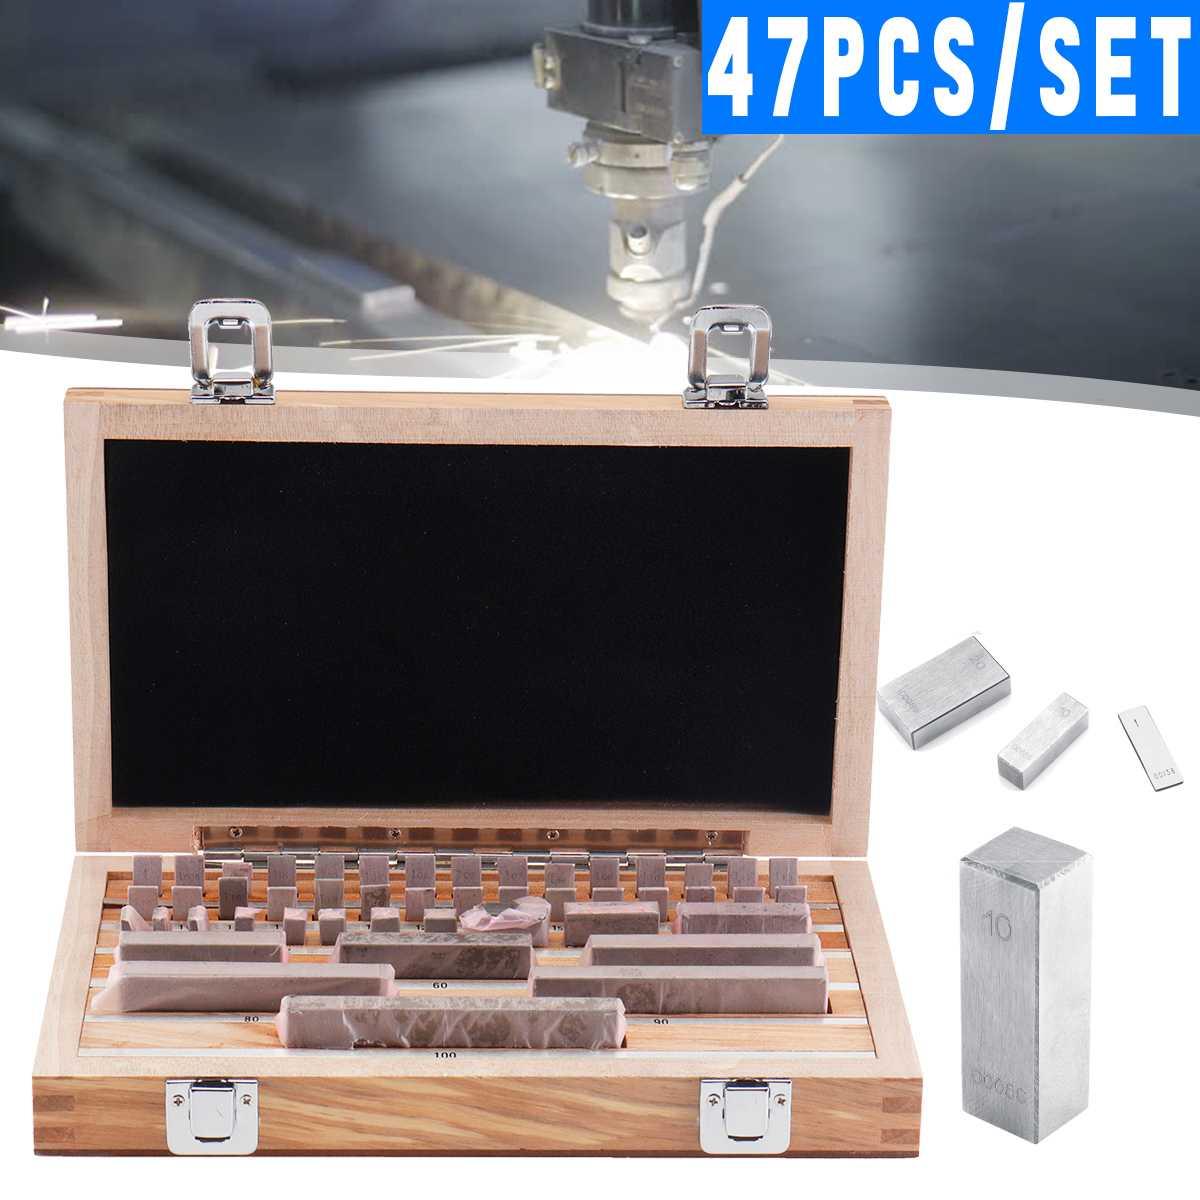 800HV твердость 47 шт./компл. сталь метрическая измерительный блок класс 1 скольжения Jo блоки 1 100 мм измерительные инструменты изготовлены пара